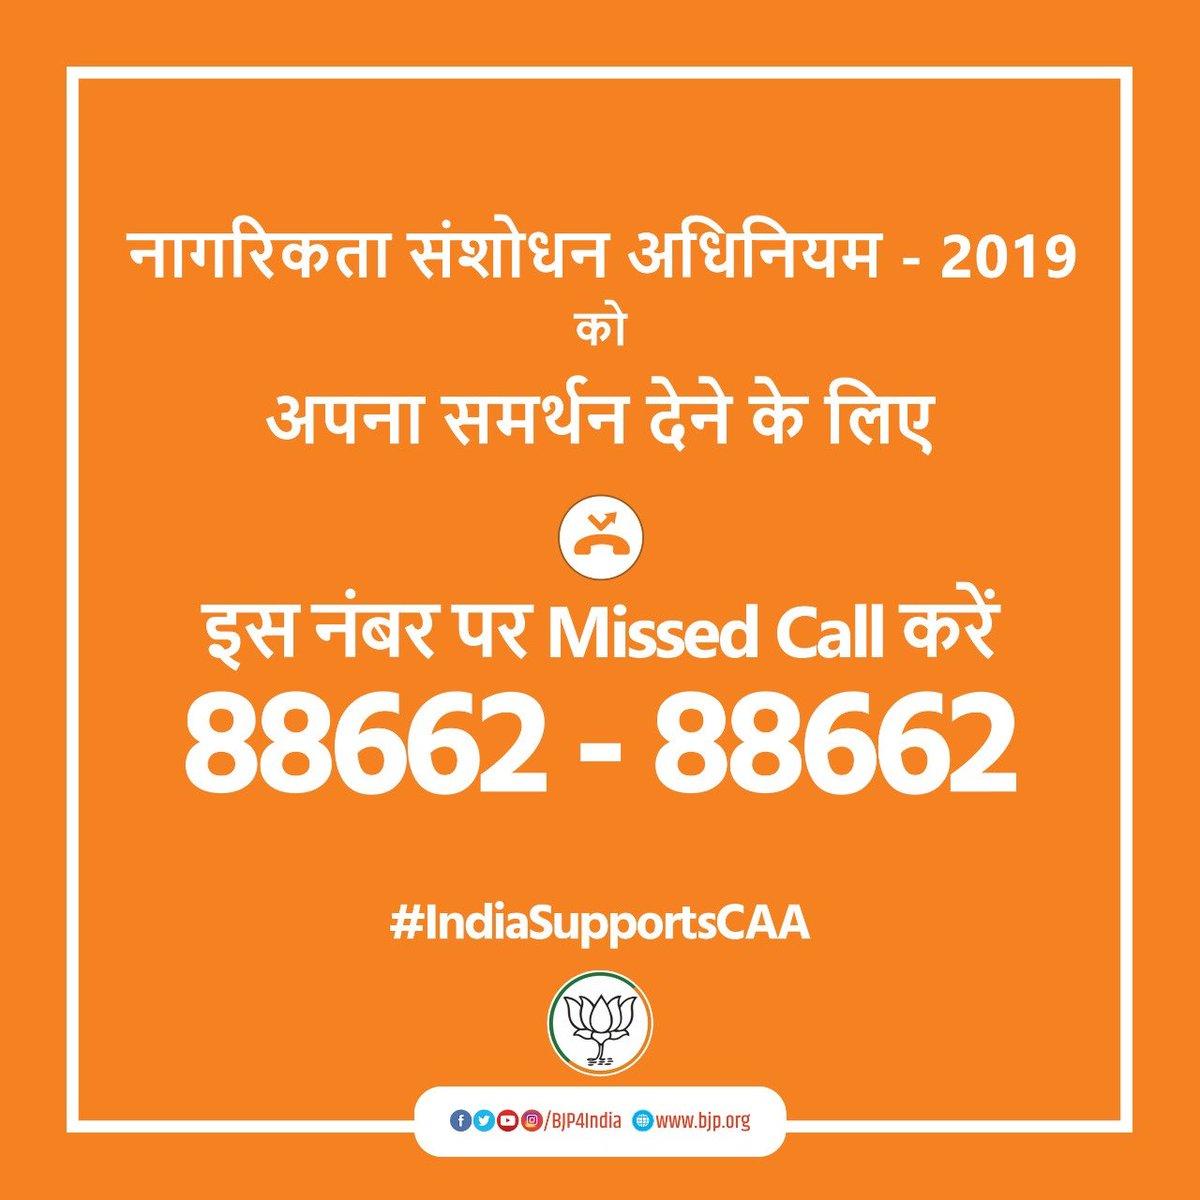 मैं सभी देशवासियों से अपील करता हूँ कि प्रधानमंत्री श्री नरेंद्र मोदी जी द्वारा पाकिस्तान, बांग्लादेश और अफगानिस्तान से आए अल्पसंख्यकों को न्याय व अधिकार देने वाले CAA पर अपना समर्थन देने के लिए 8866288662 पर missed call दें।#IndiaSupportsCAA